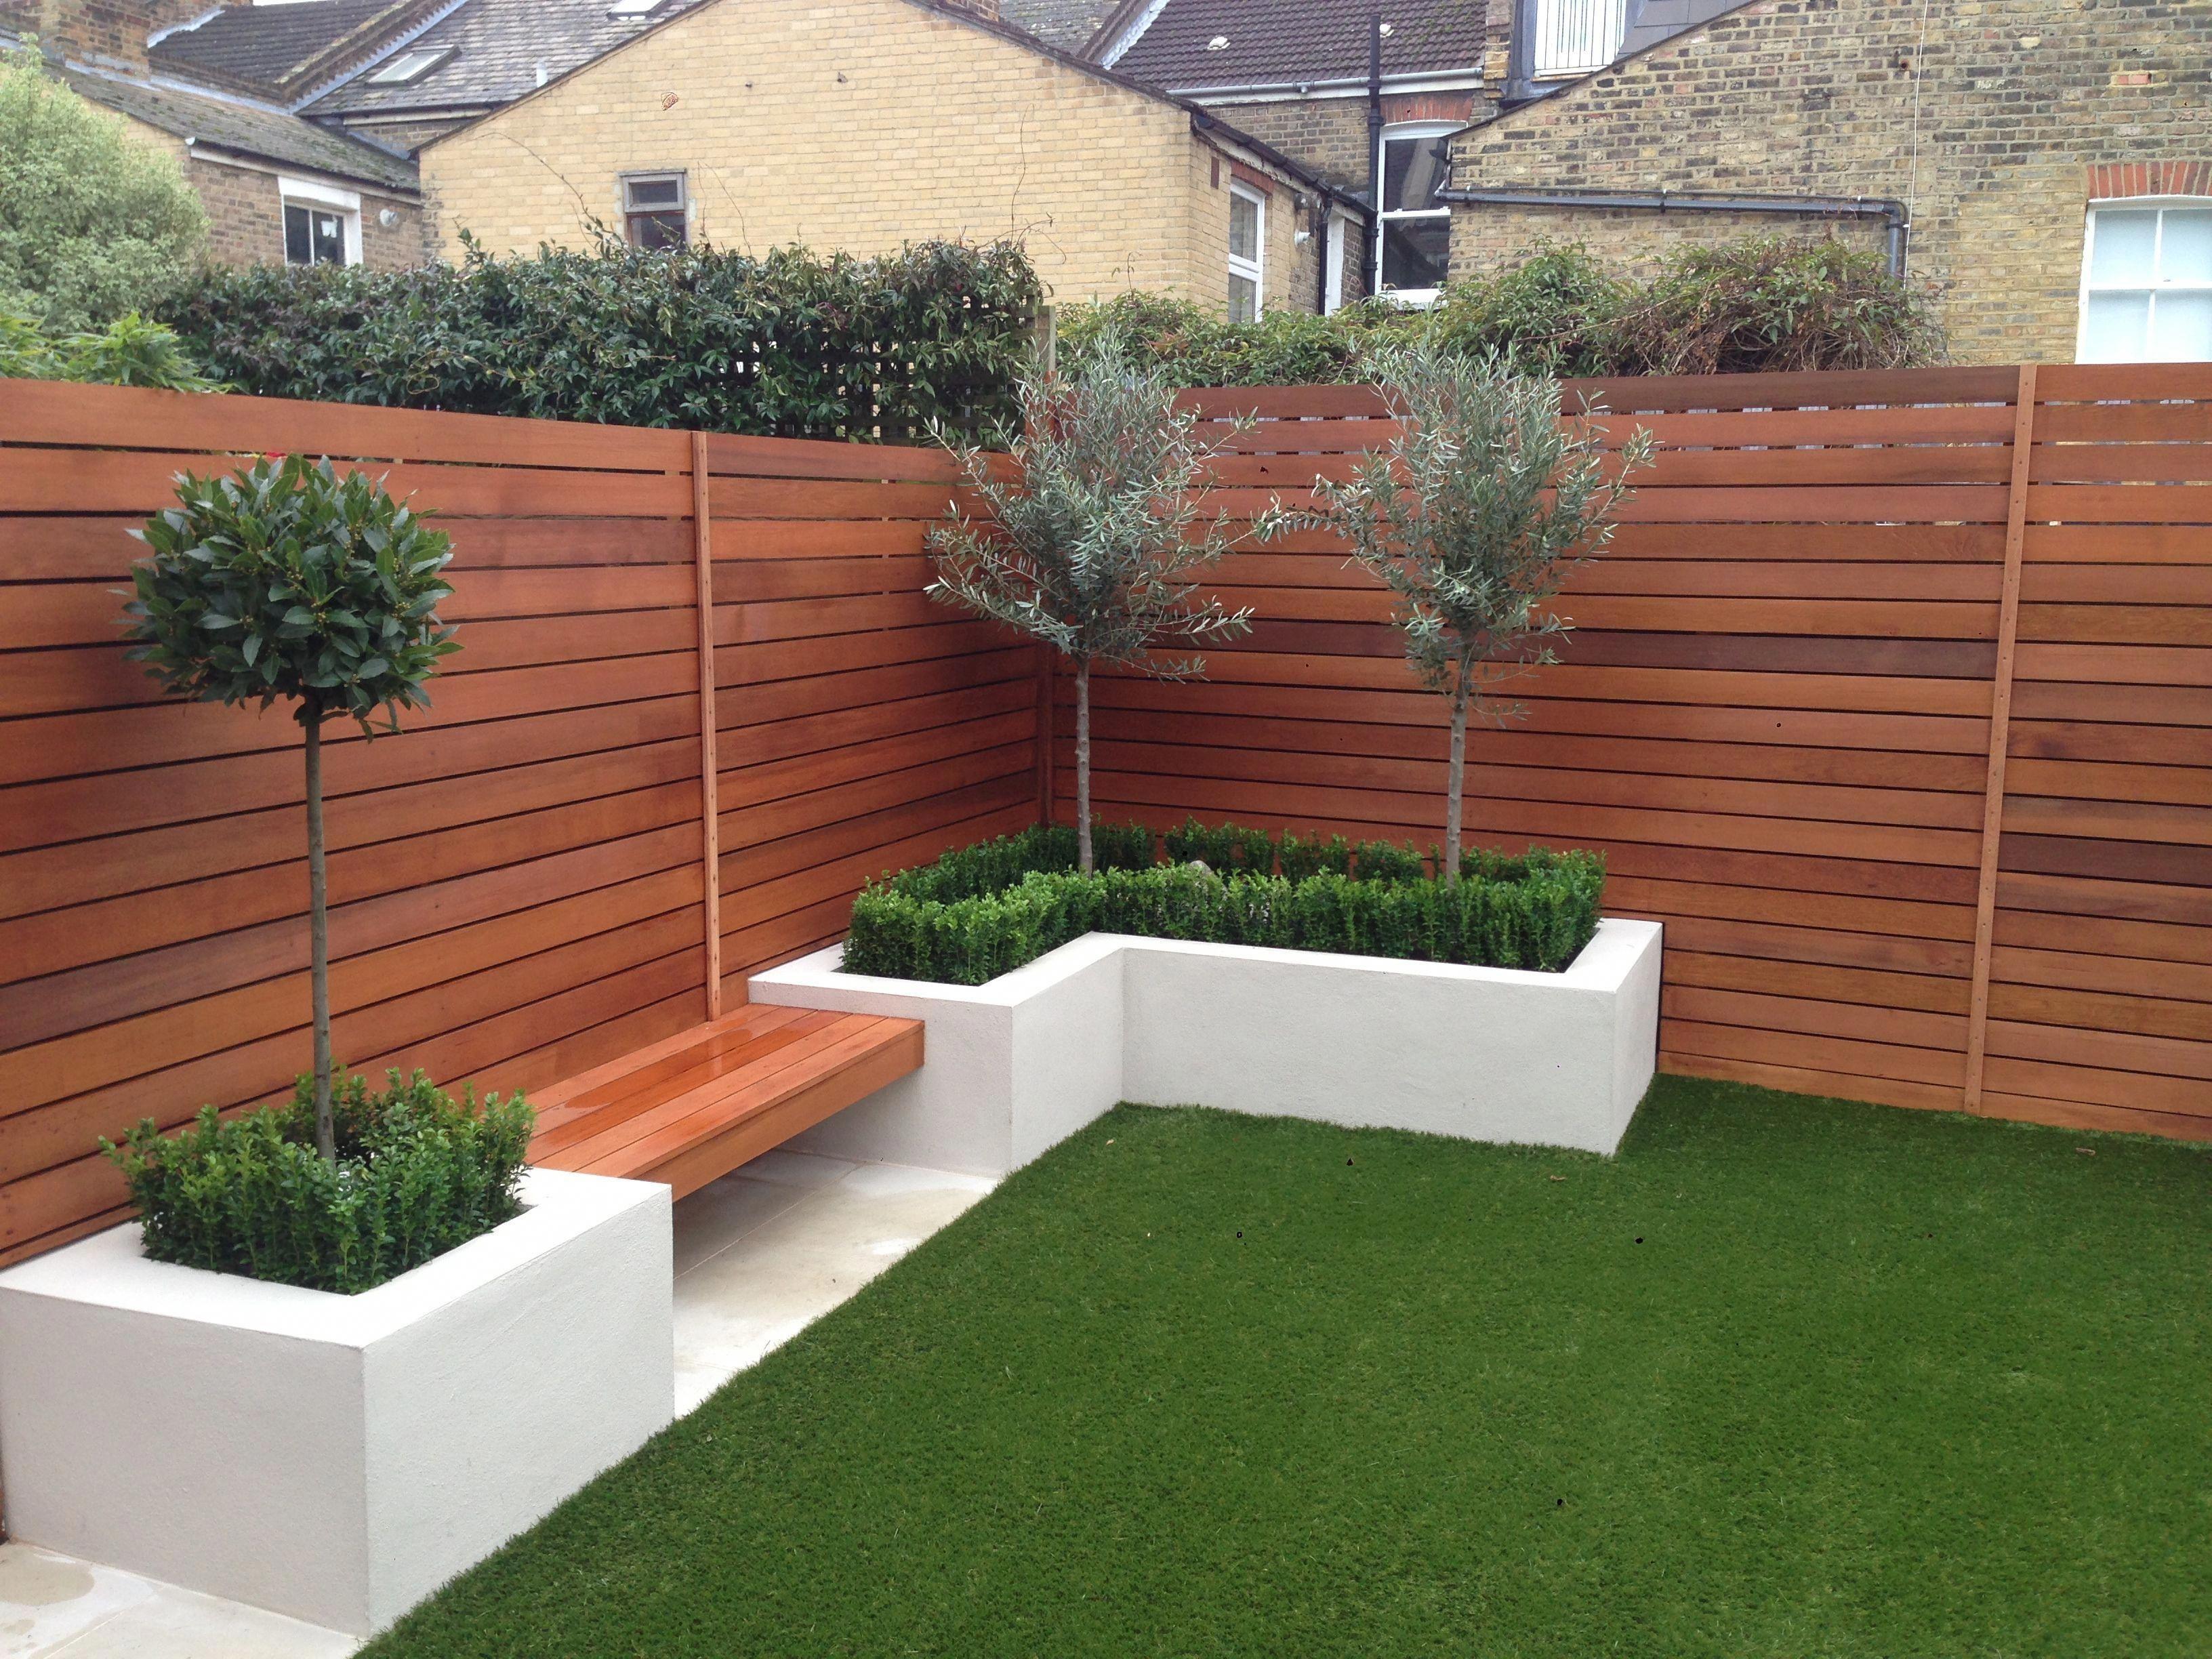 incredible cool ideas garden fence design small fence on backyard garden fence decor ideas id=46564